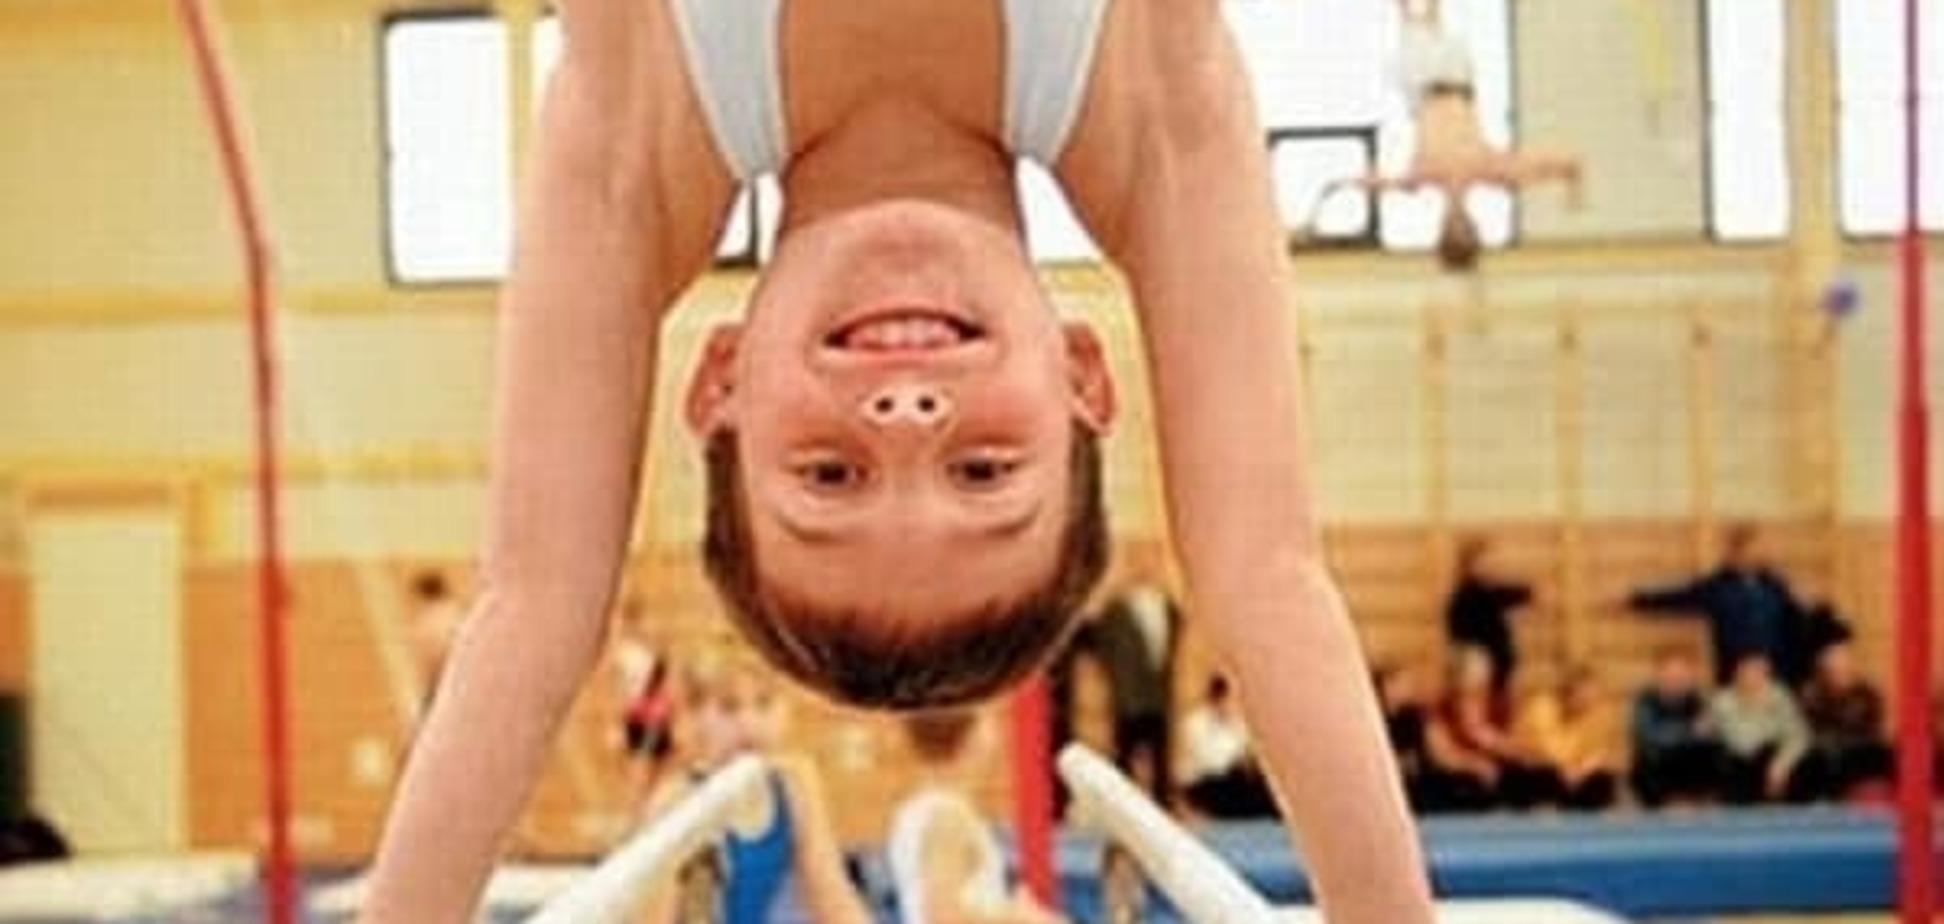 Спорт дітям. З якого віку віддавати дитину в спортивні секції